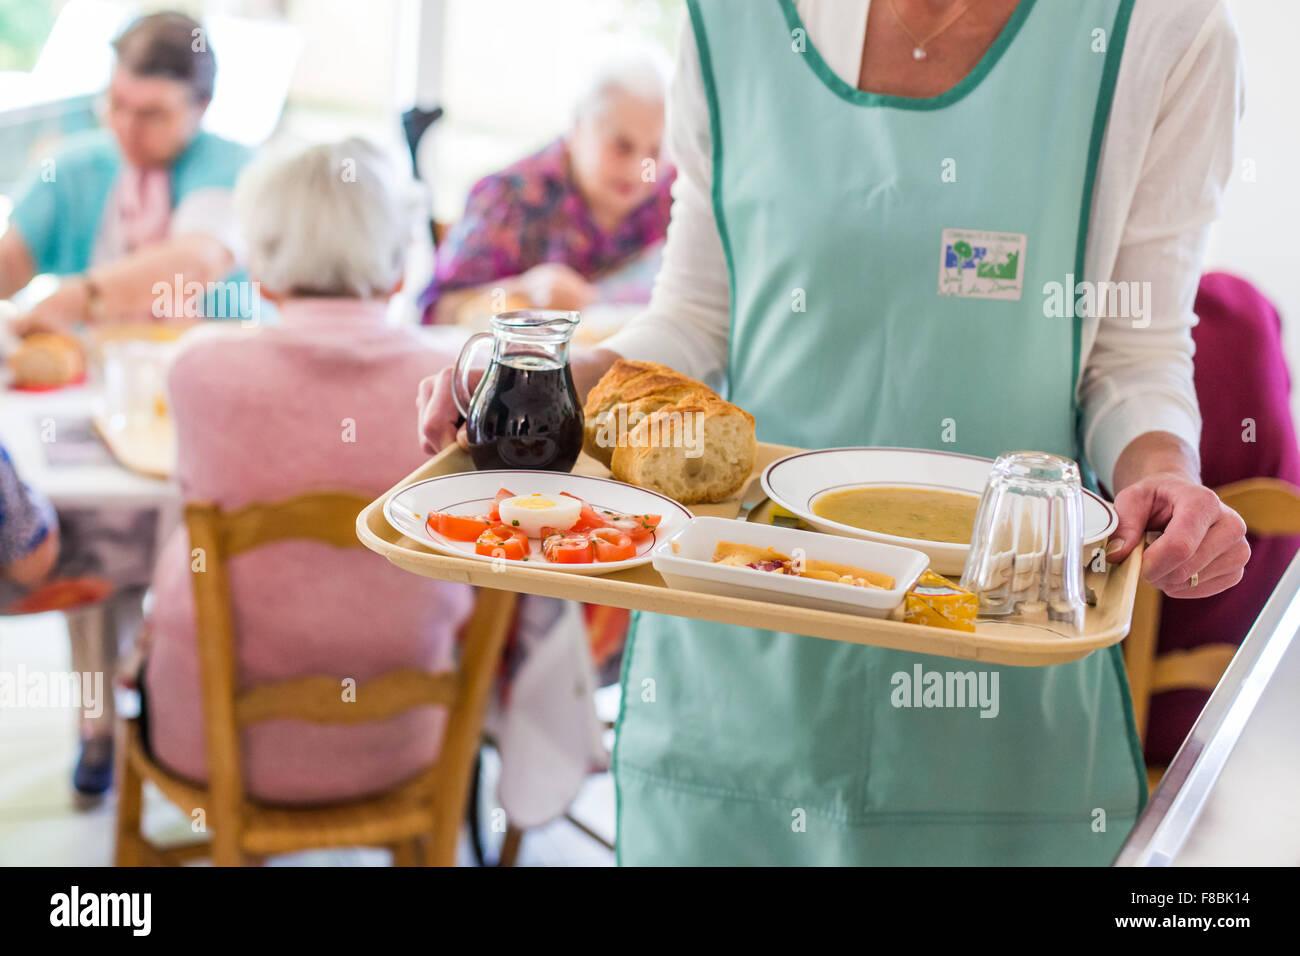 Ältere Vielzwecksäle in der Mensa ein Aufenthaltsrecht für unabhängige Senioren, Dordogne, Frankreich. Stockbild